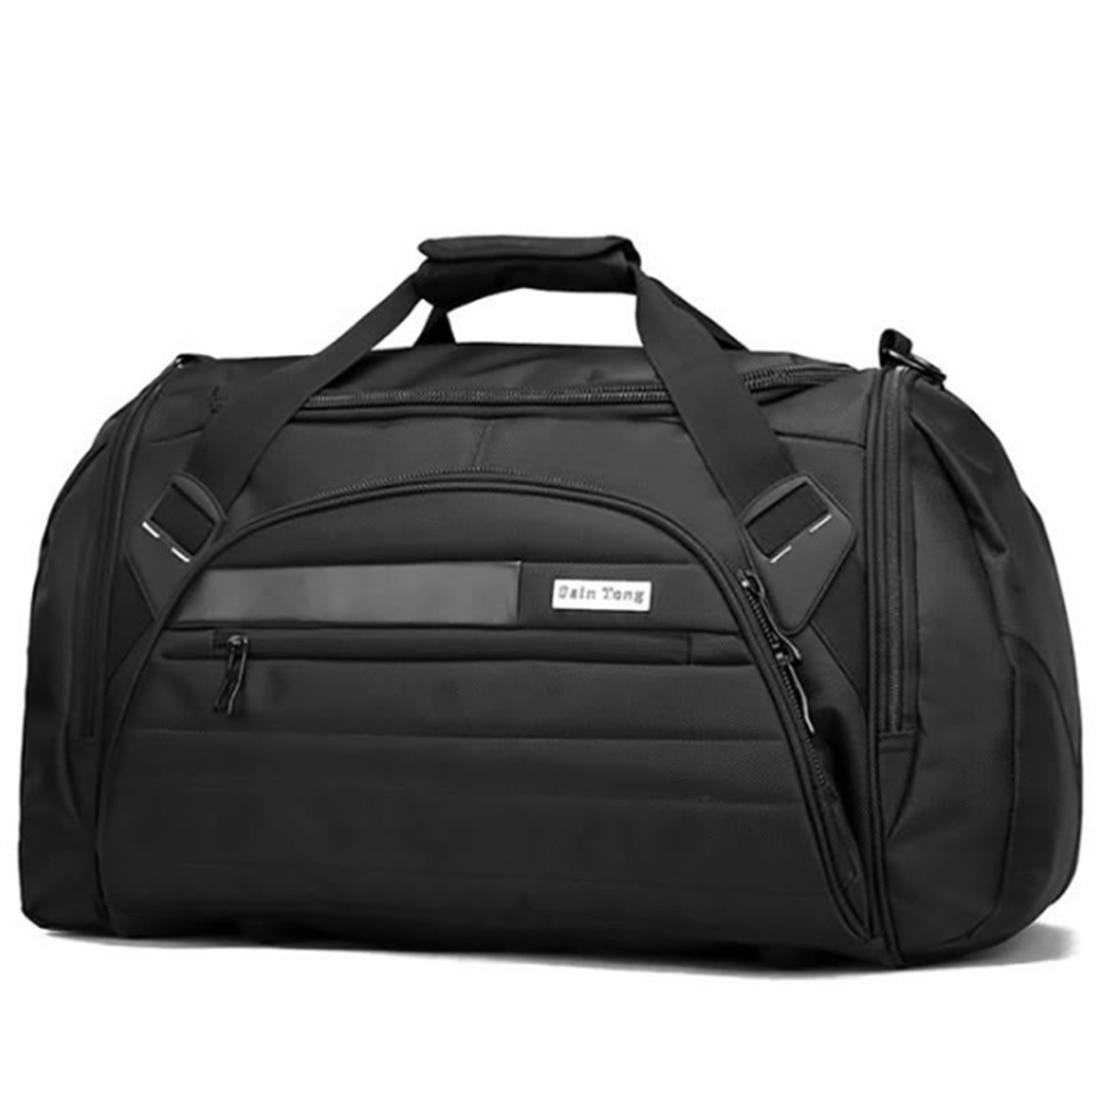 HIPSTEEN Nya Väskor Mode Män Kvinnor Resväskor Med Stor Kapacitet - Väskor för bagage och resor - Foto 3